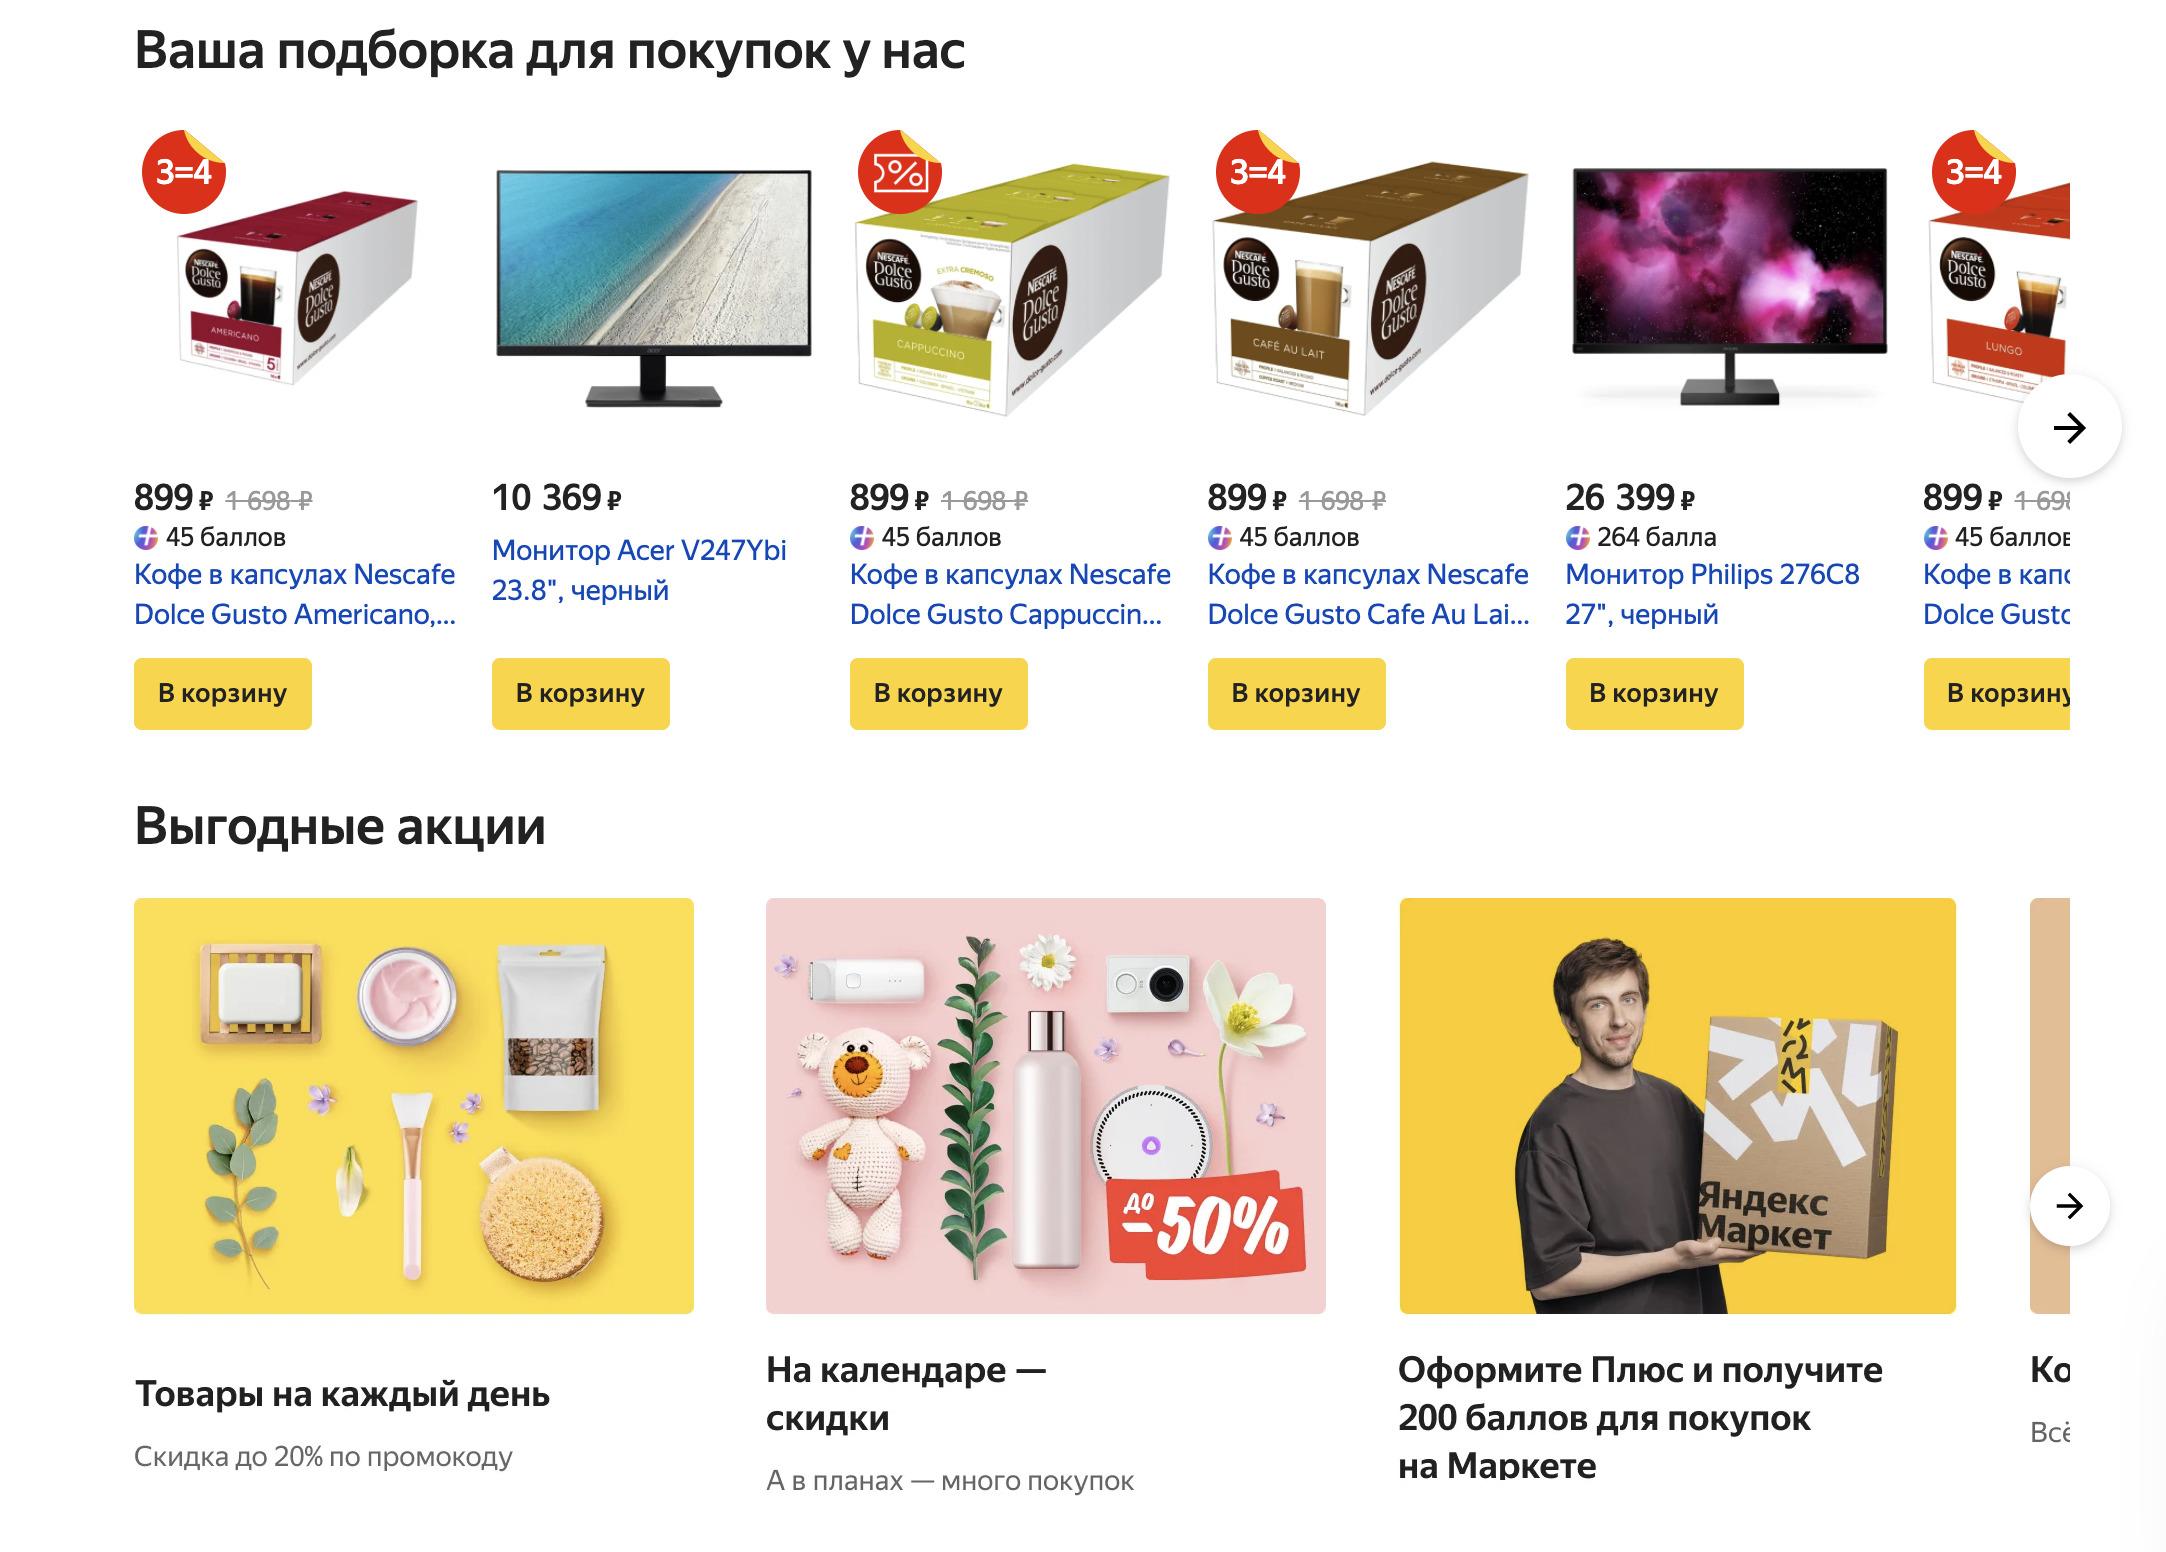 Доставка из Яндекс.Маркет в Тверскую область, сроки, пункты выдачи, каталог